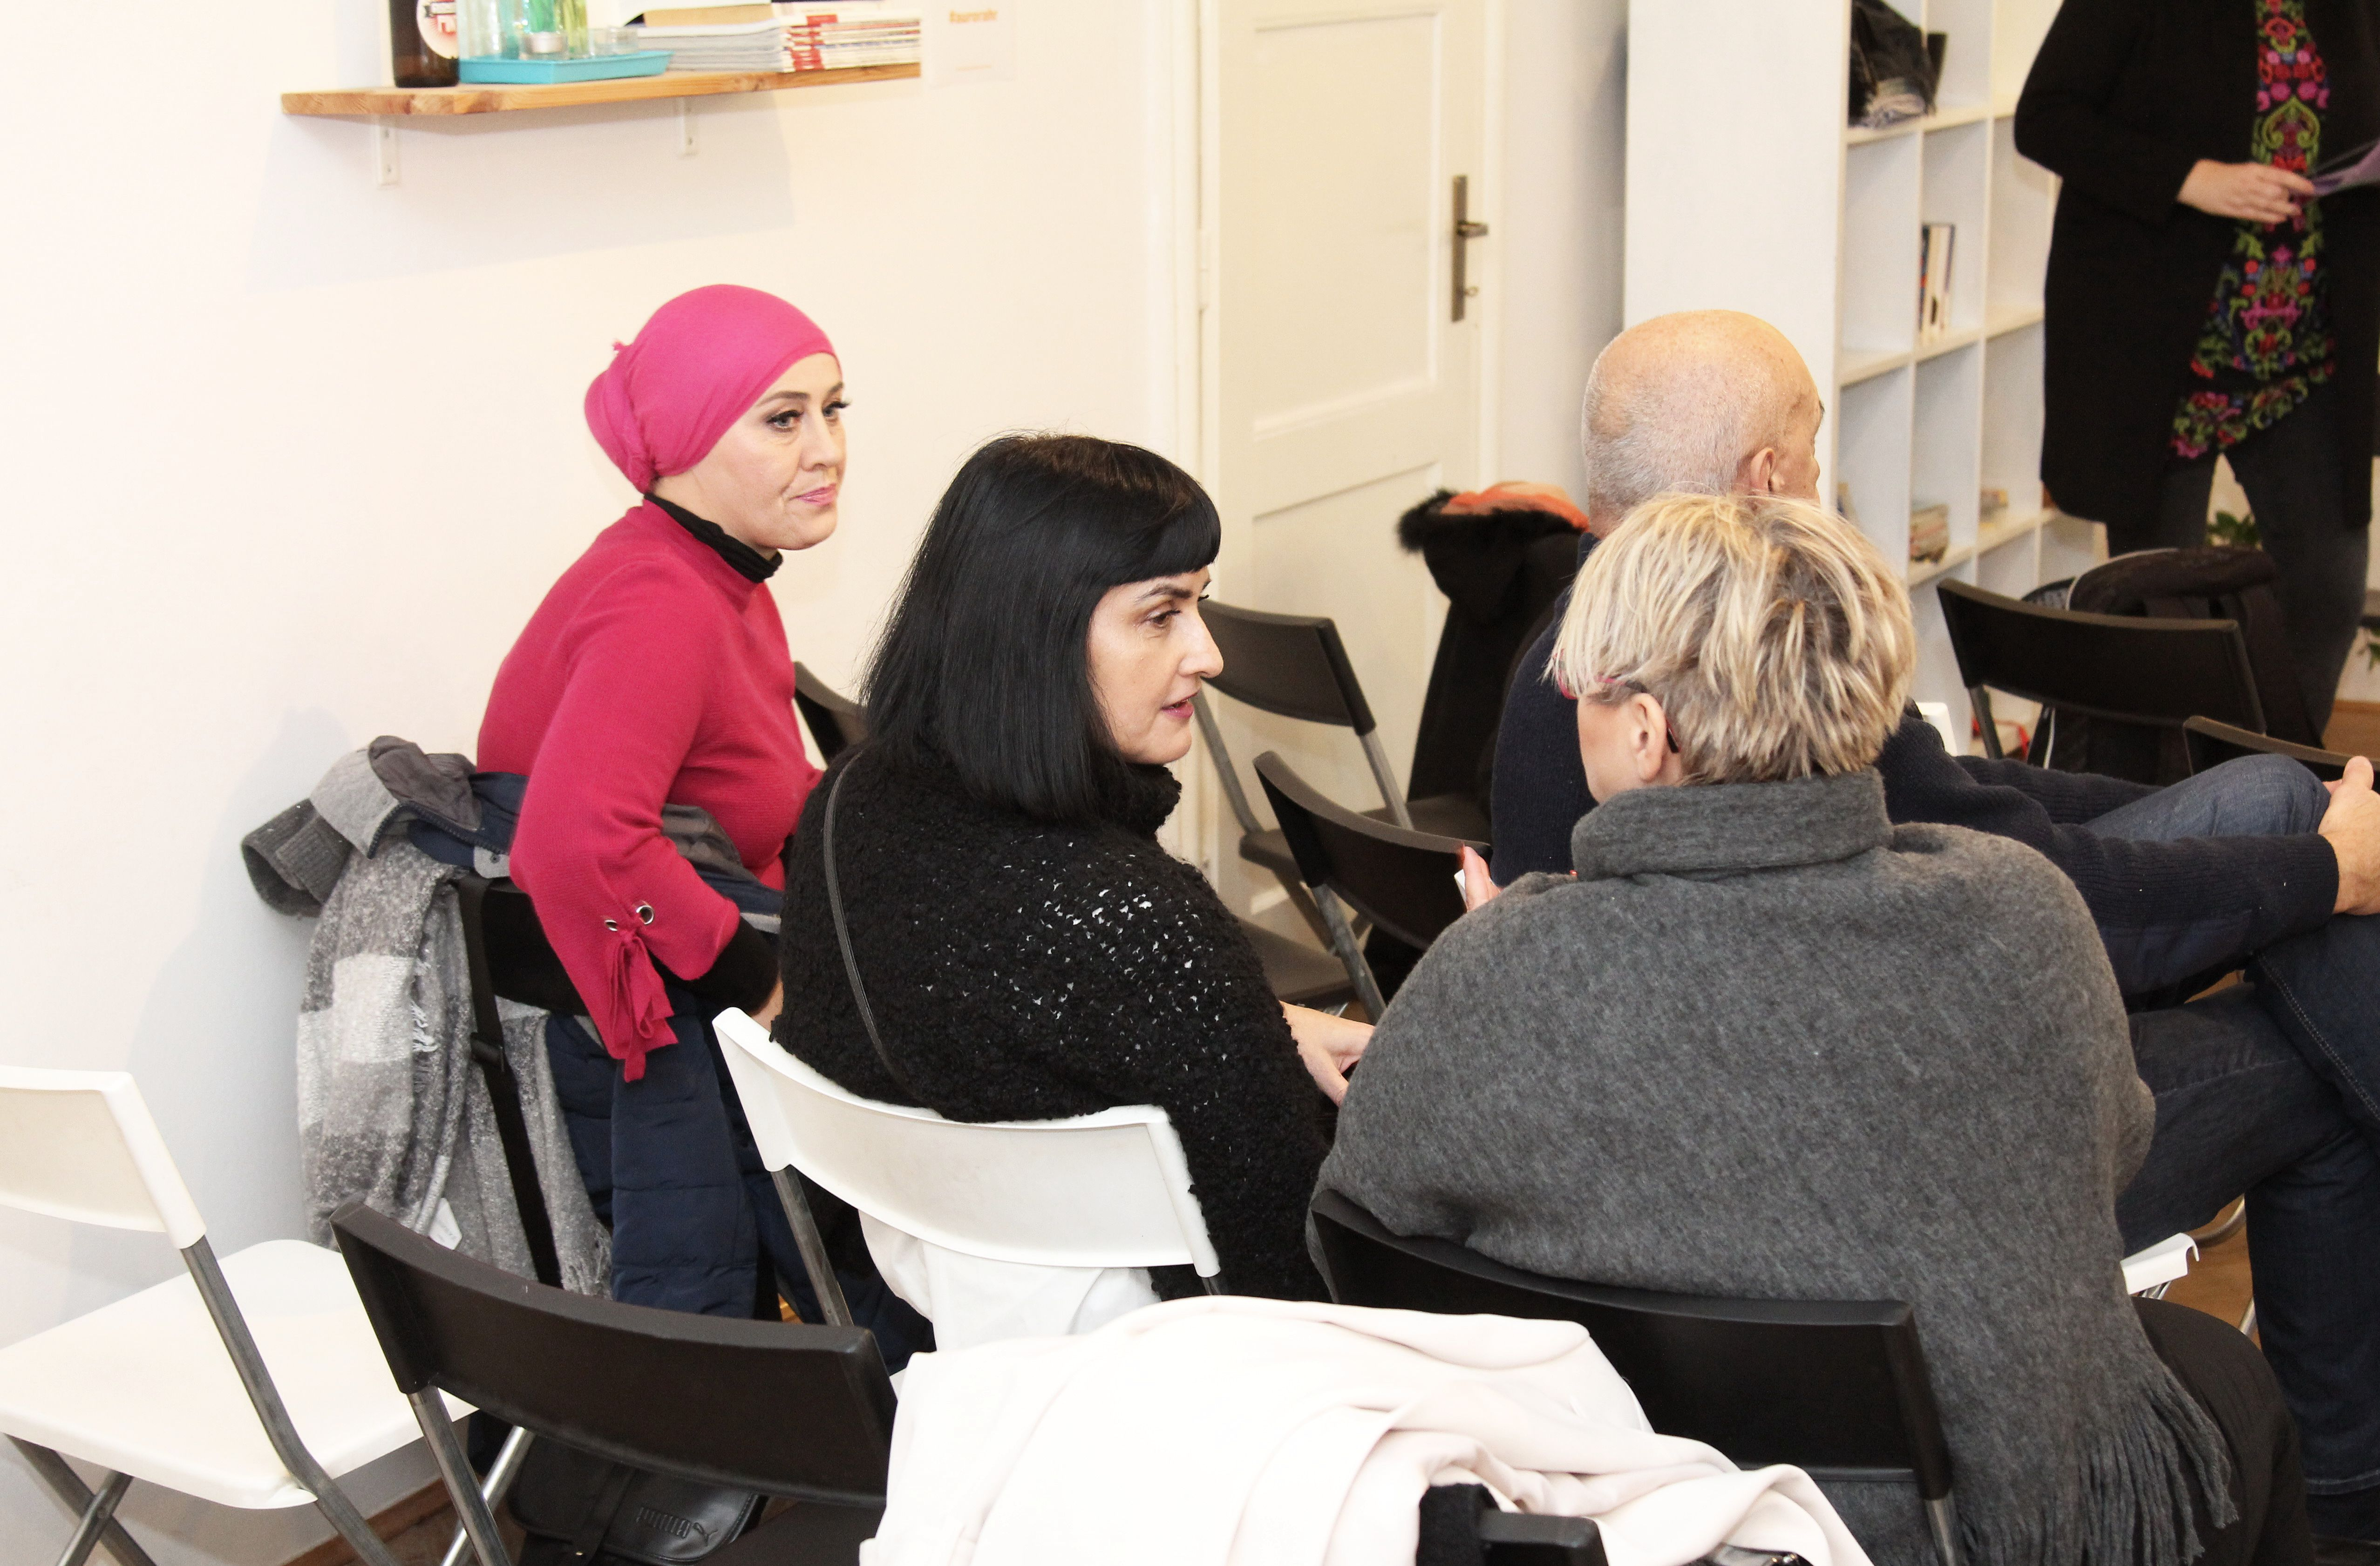 Predstavljanje knjige - Elvira, Almira, Smiljana